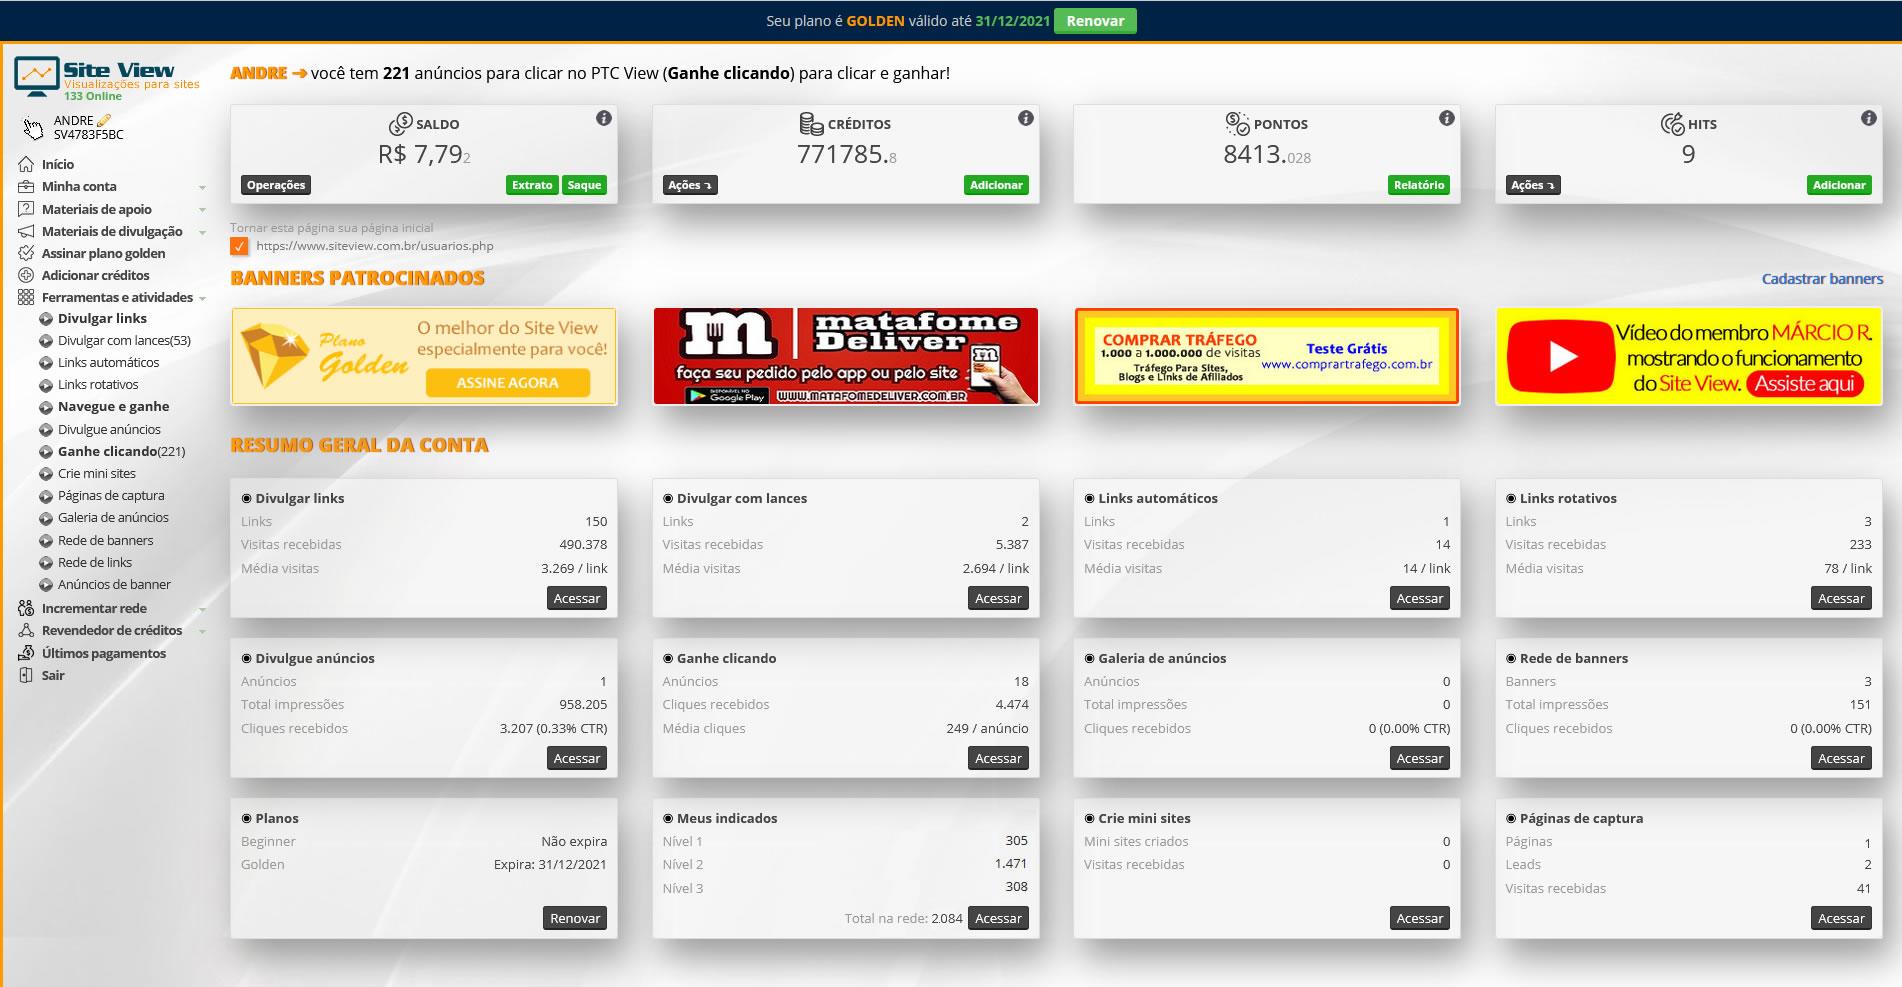 Site View - Visualizações para sites